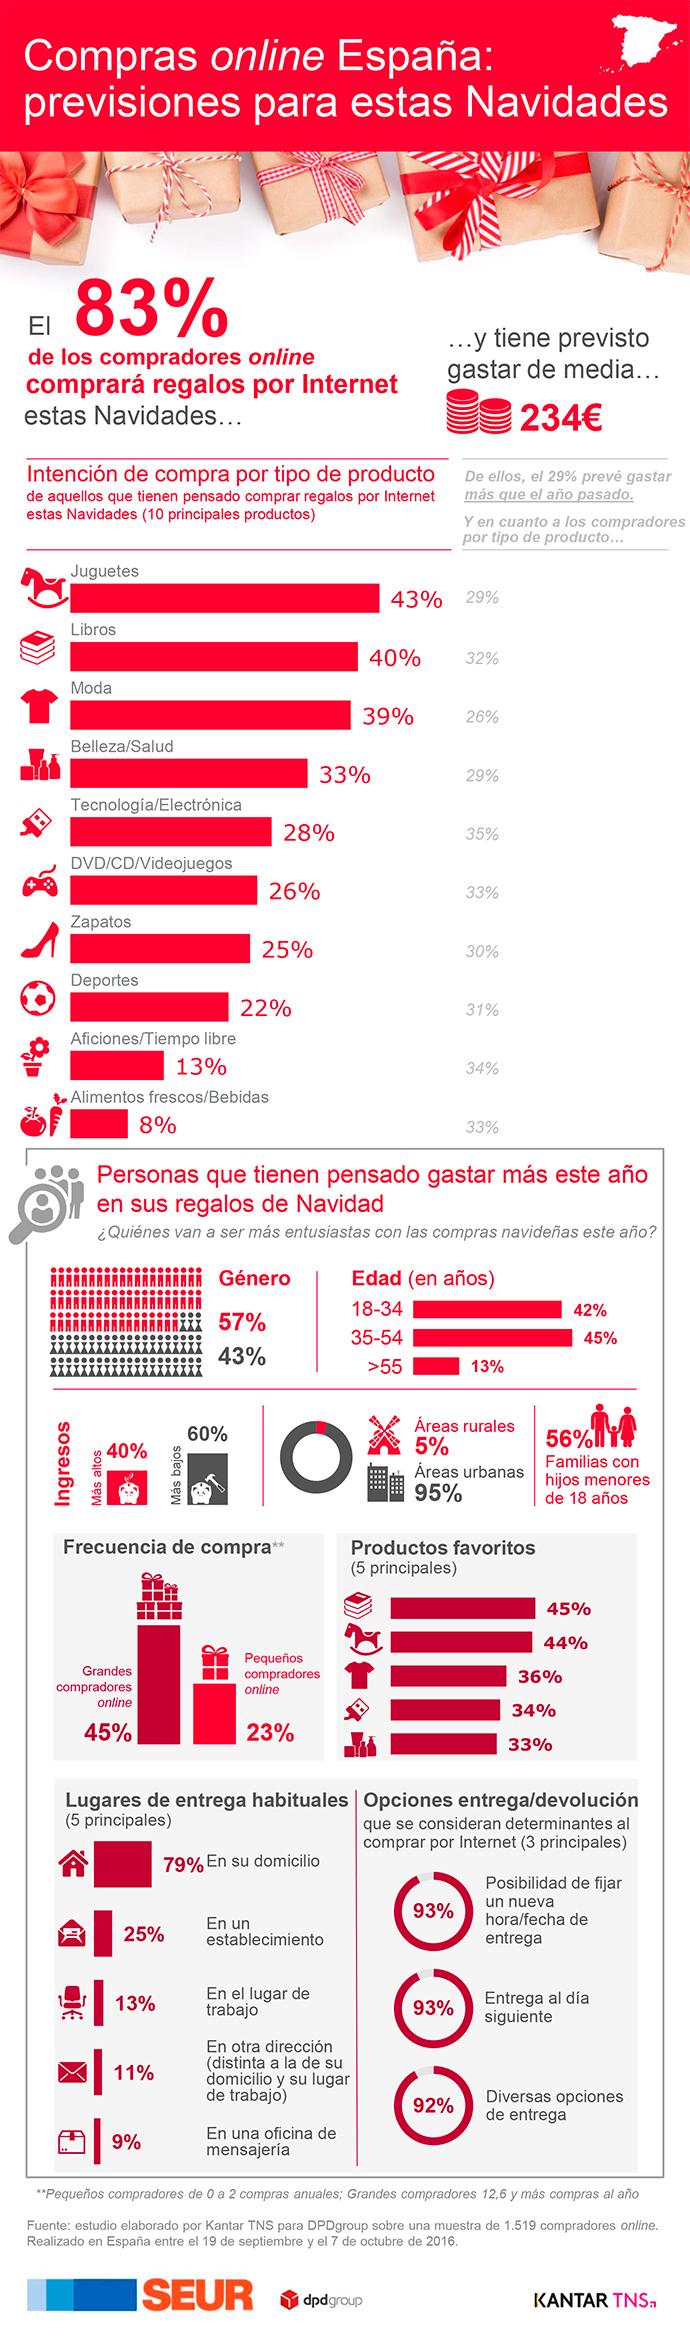 compras-online-espana-infografia